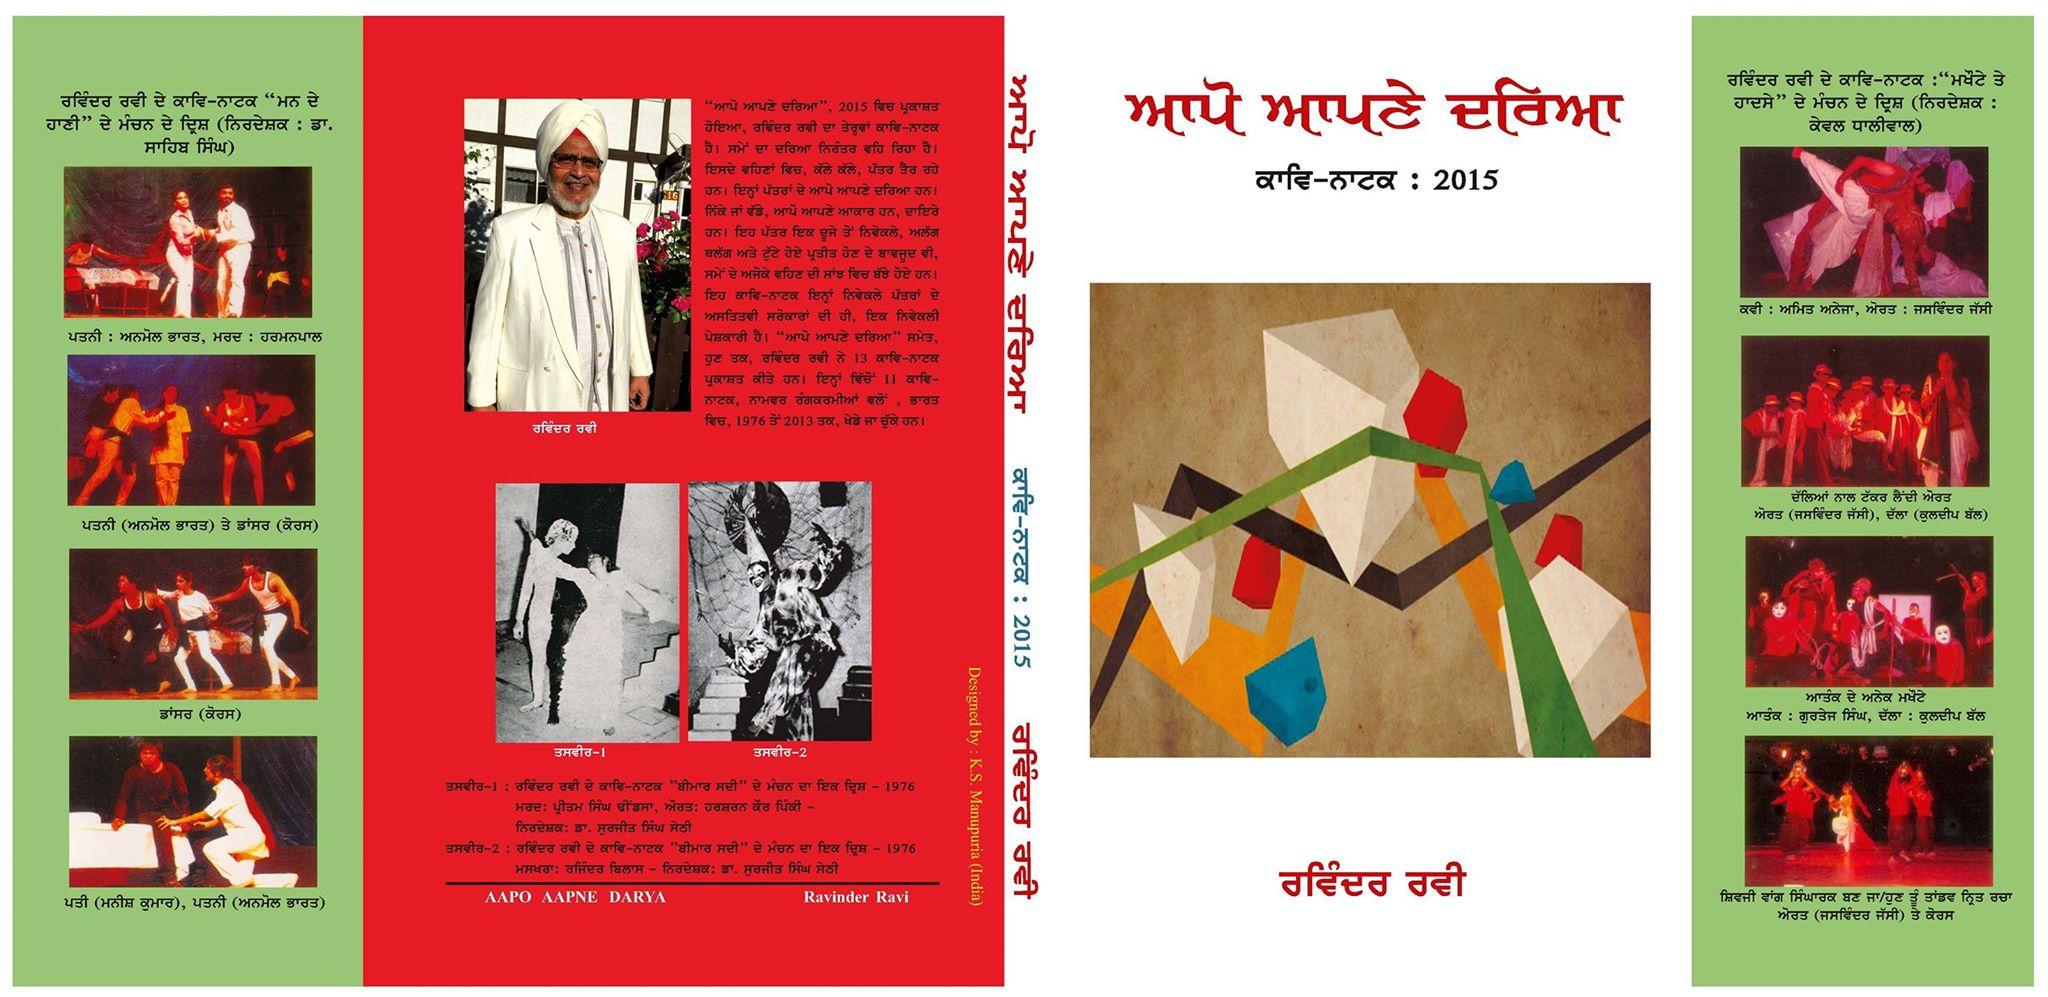 0.0 Aapo Apne Darya(2015 - Kaav-Naatak) - Title - Copy